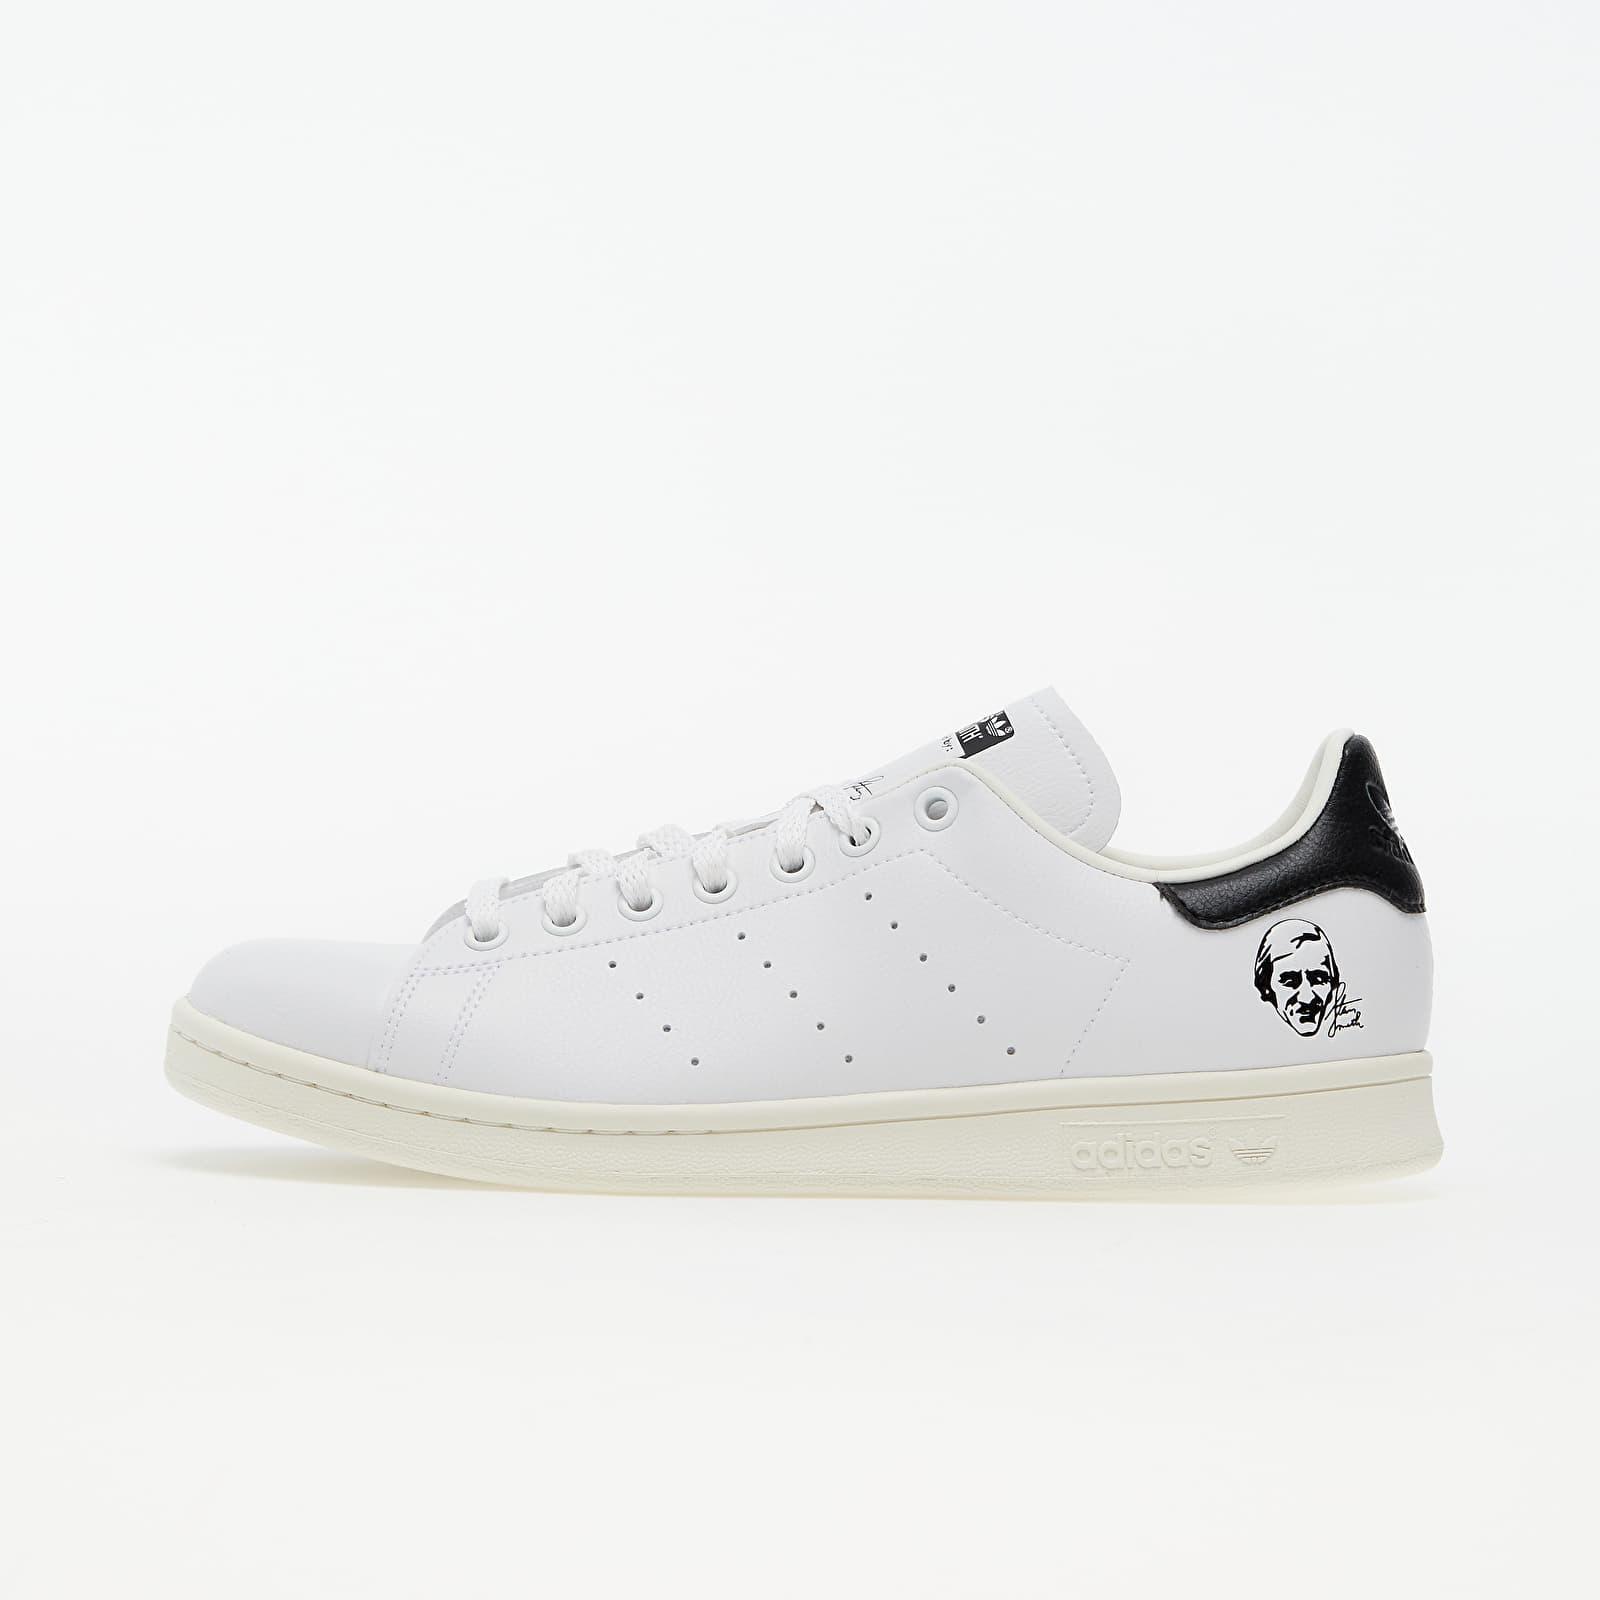 adidas Stan Smith Off White/ Ftw White/ Core Black FX5549